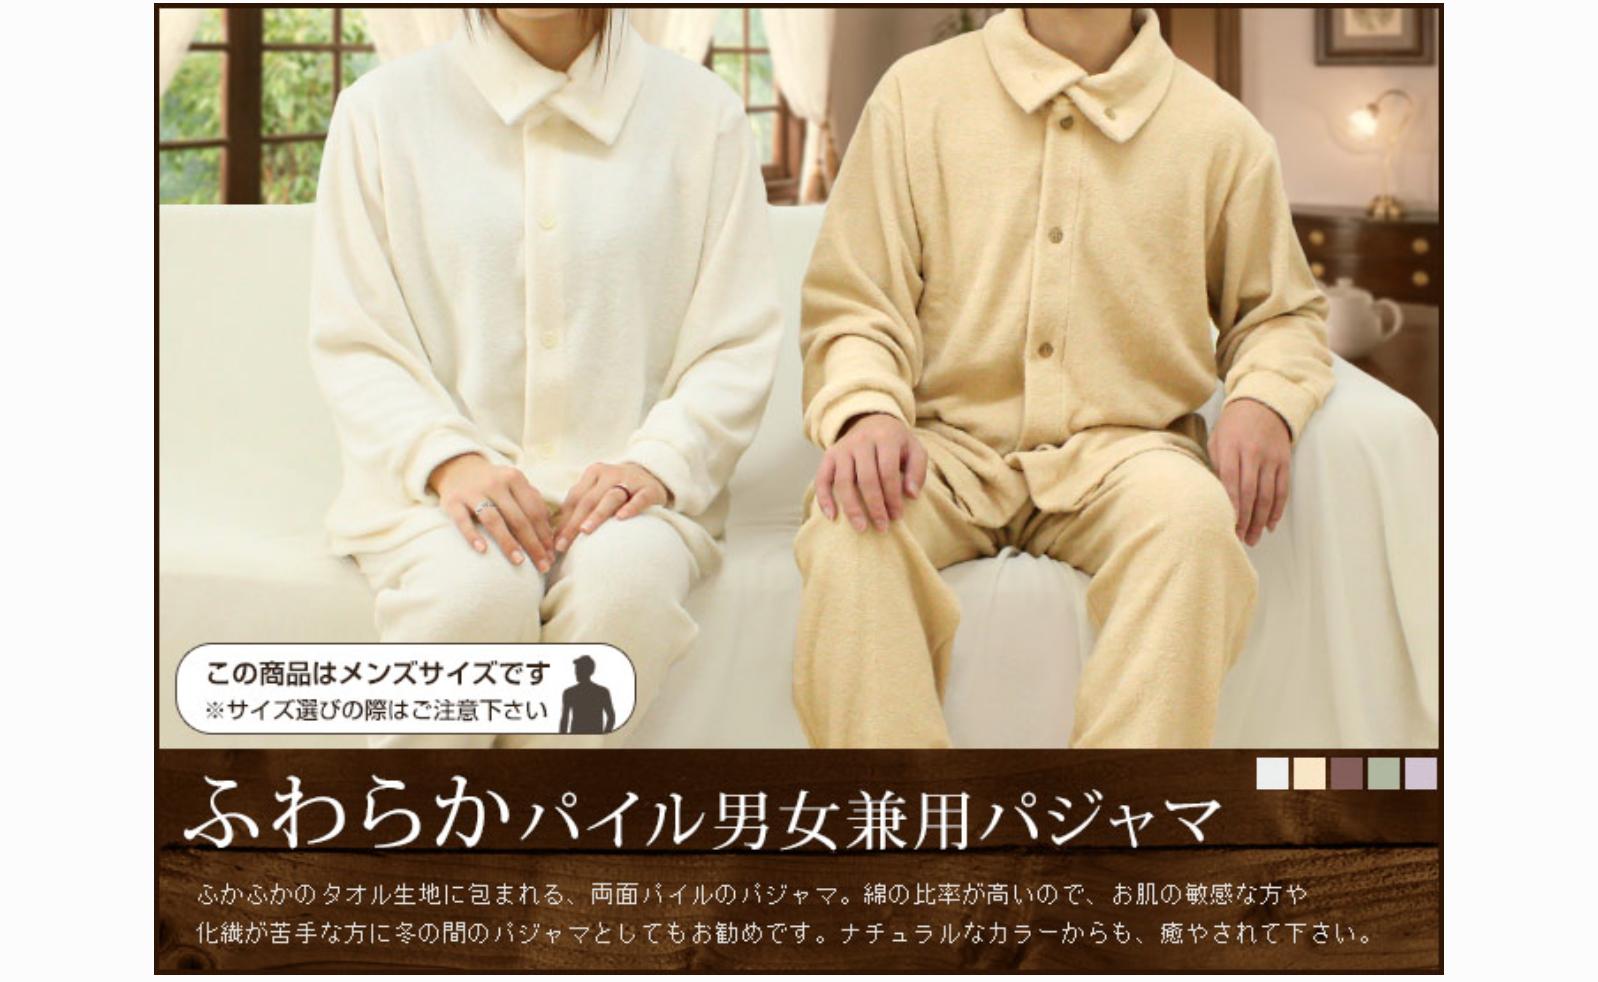 無印良品 オーガニックコットンはらまきお着替えパジャマ・ボーダー 綿100% 着用感あり